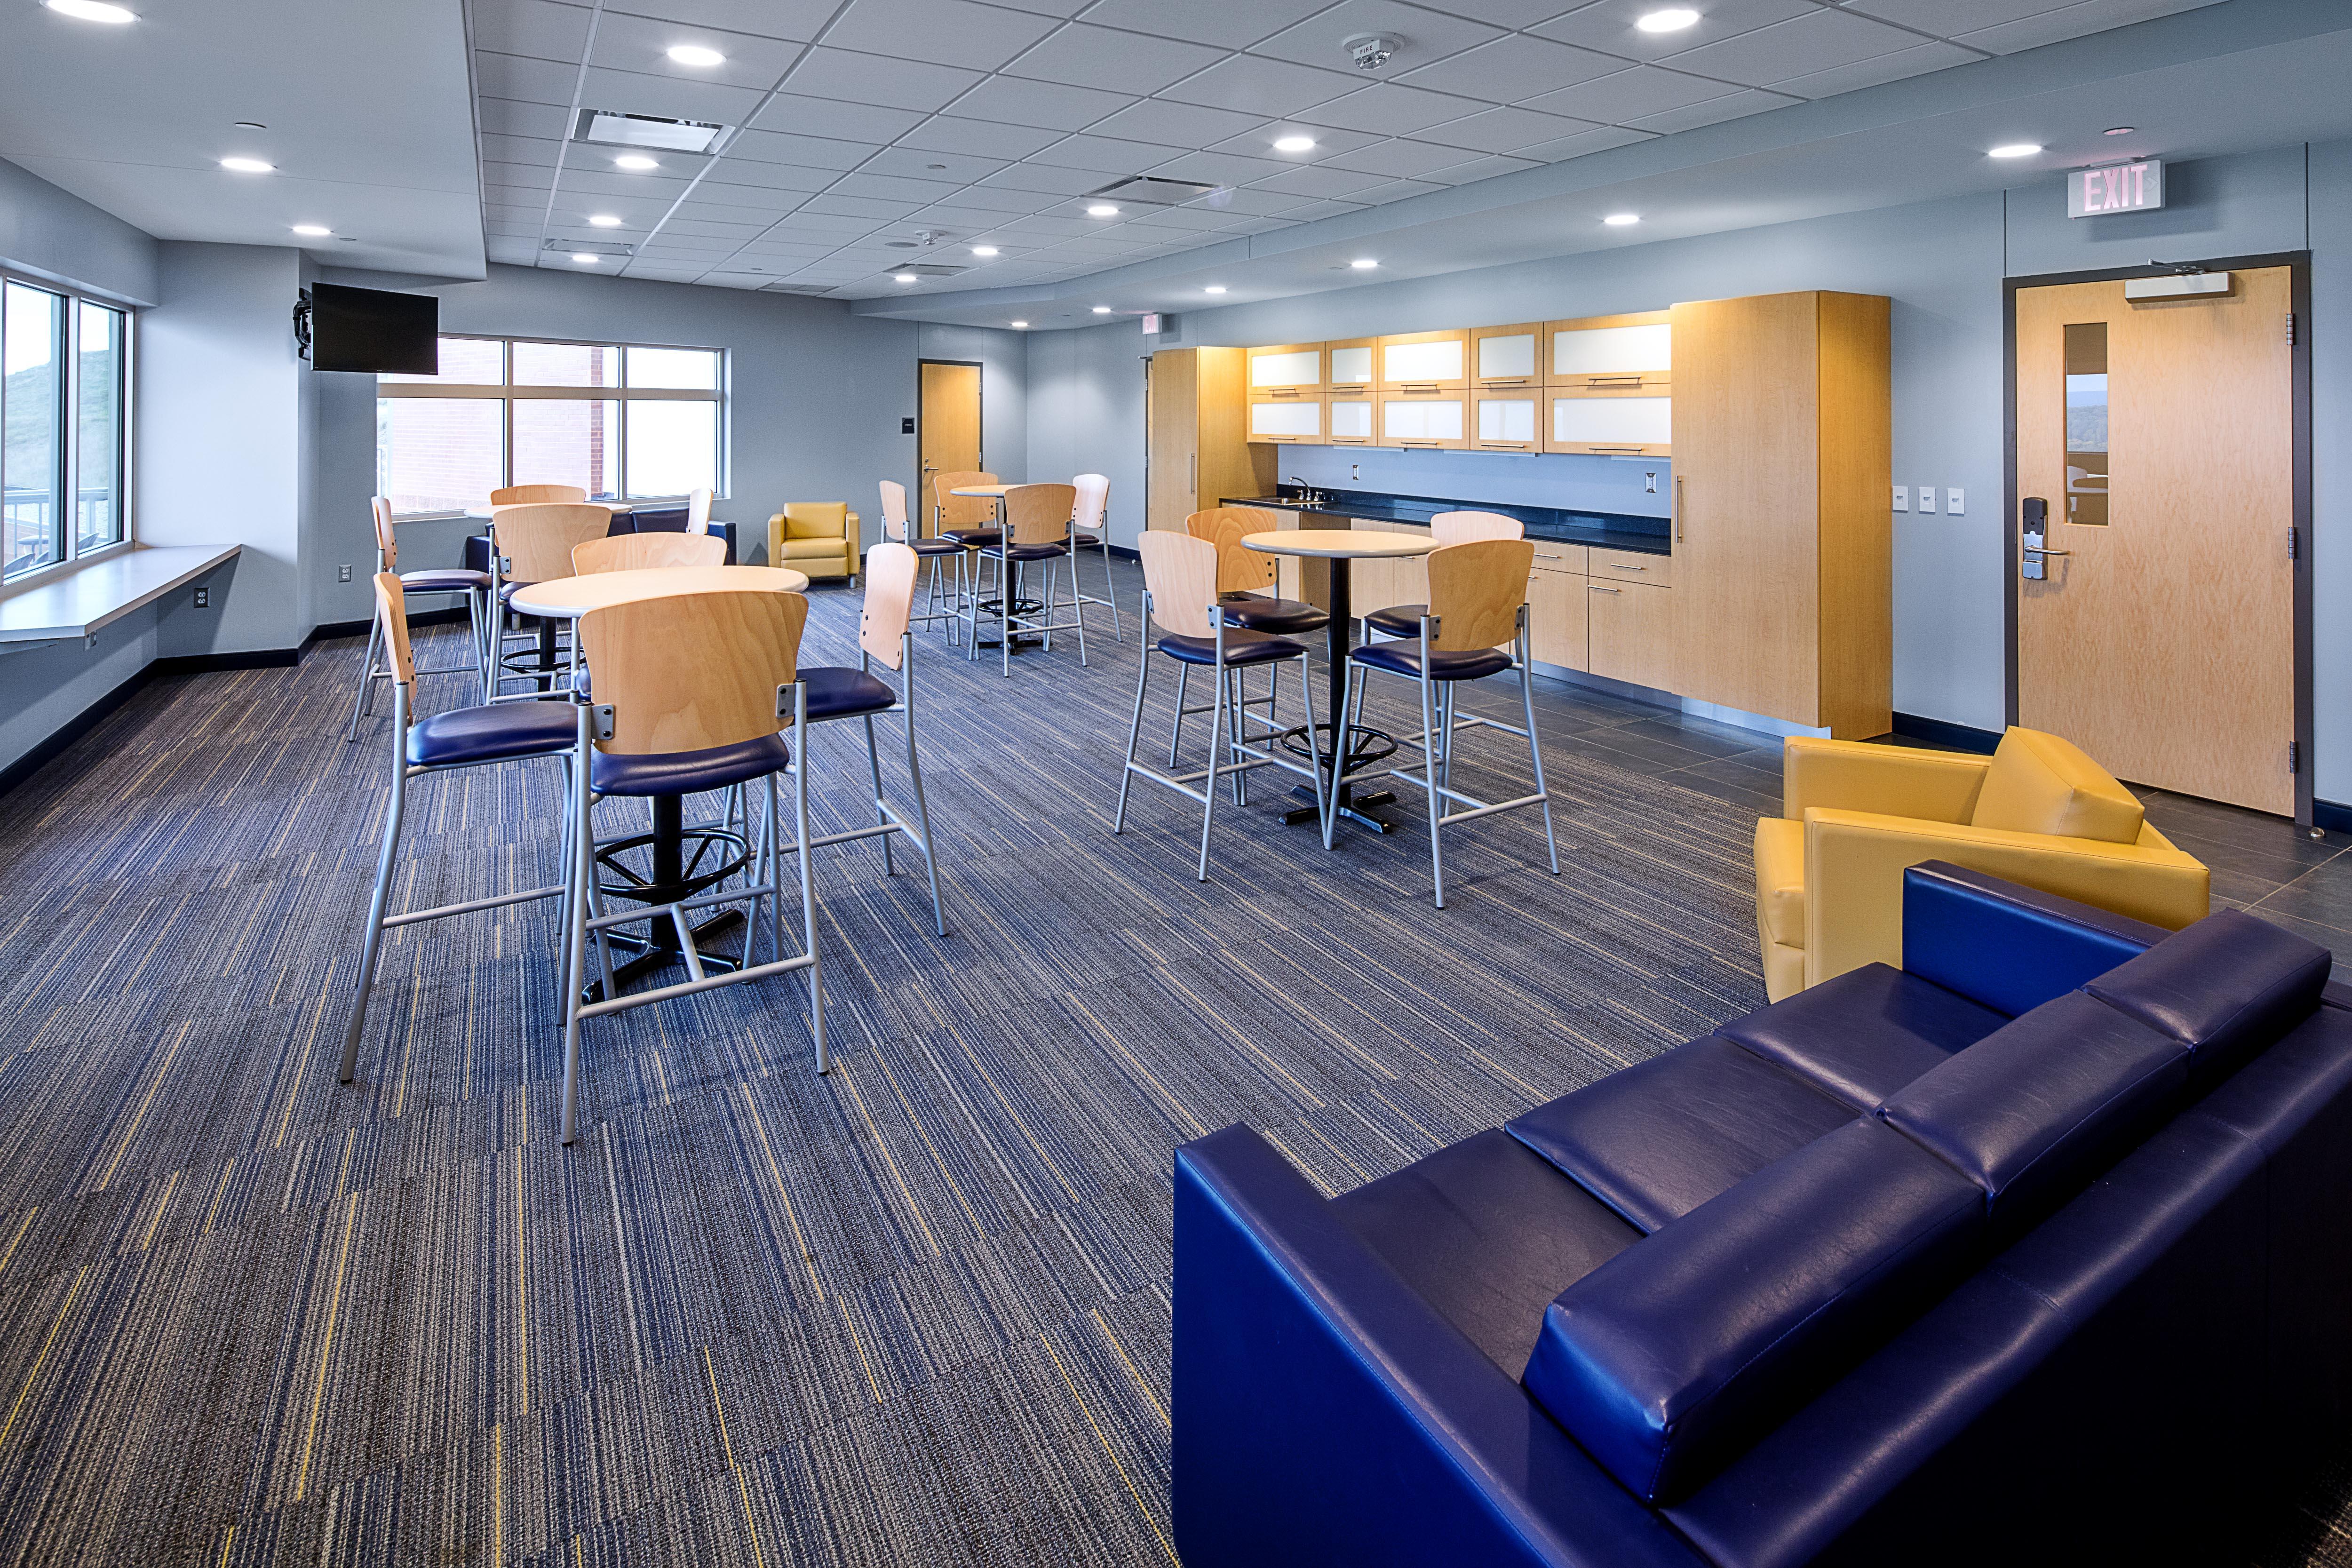 84 Wvu Interior Design Minor The West Virginia